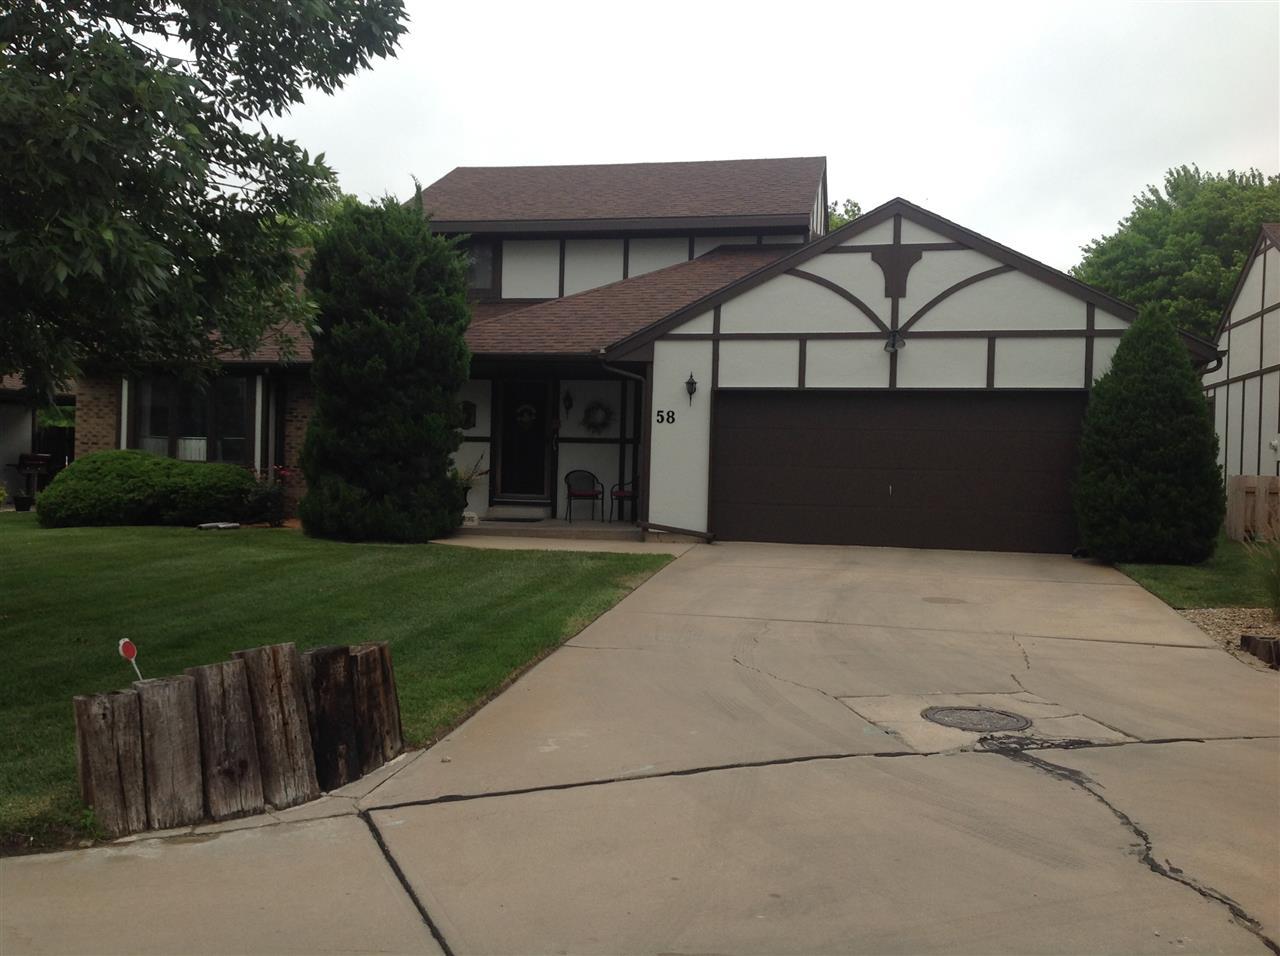 641 N WOODLAWN ST, Wichita, KS 67208